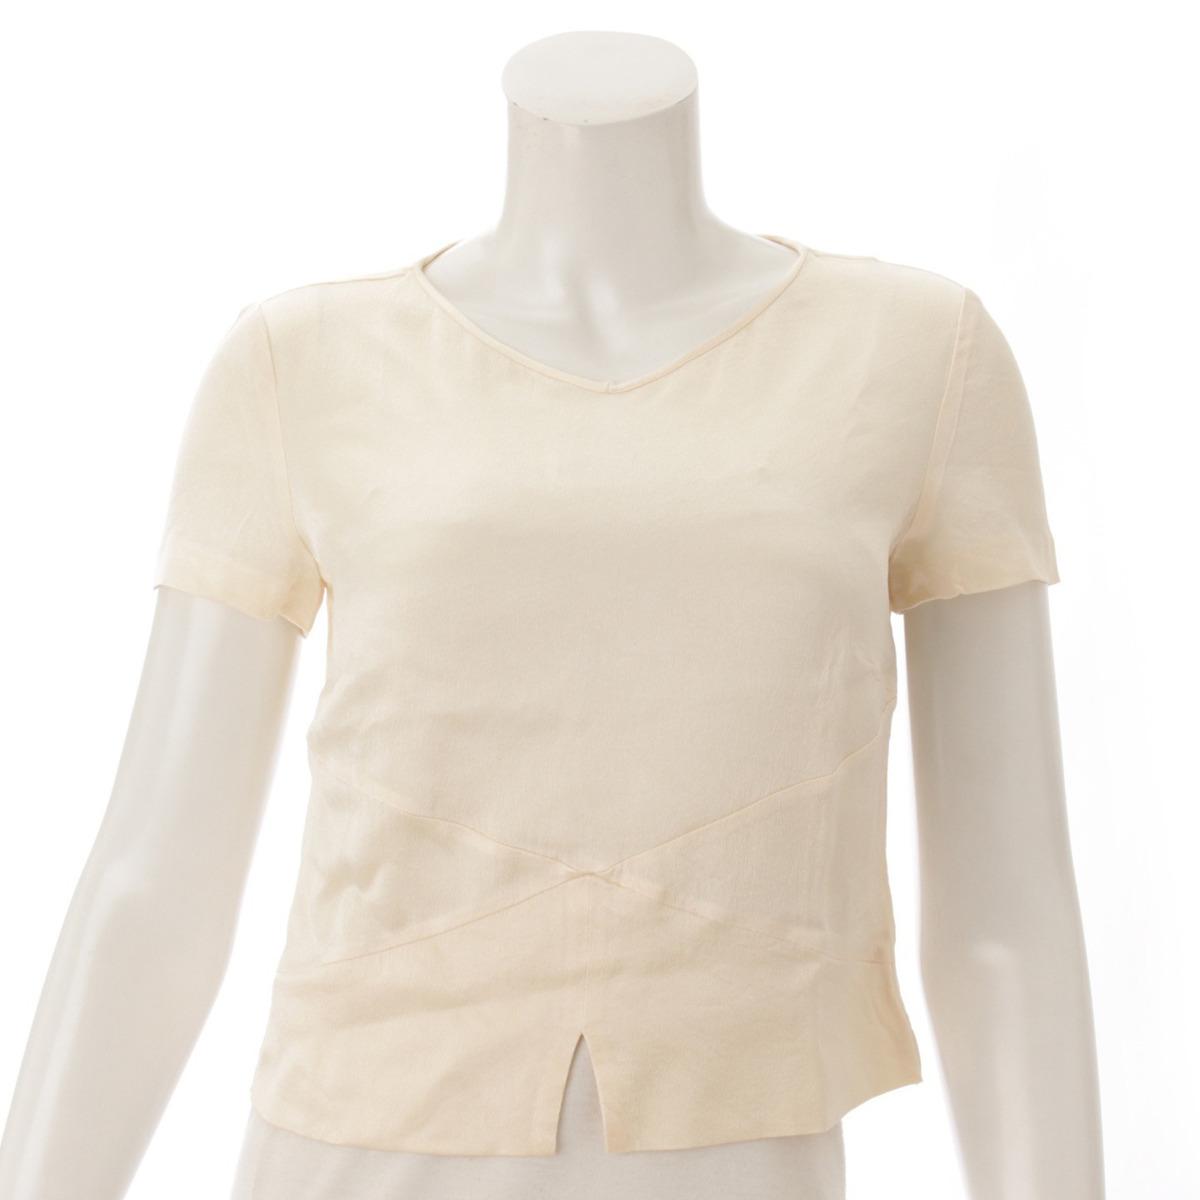 【シャネル】Chanel 98A シルク Tシャツ ブラウス P11624 ベージュ 38 【中古】【鑑定済・正規品保証】53965